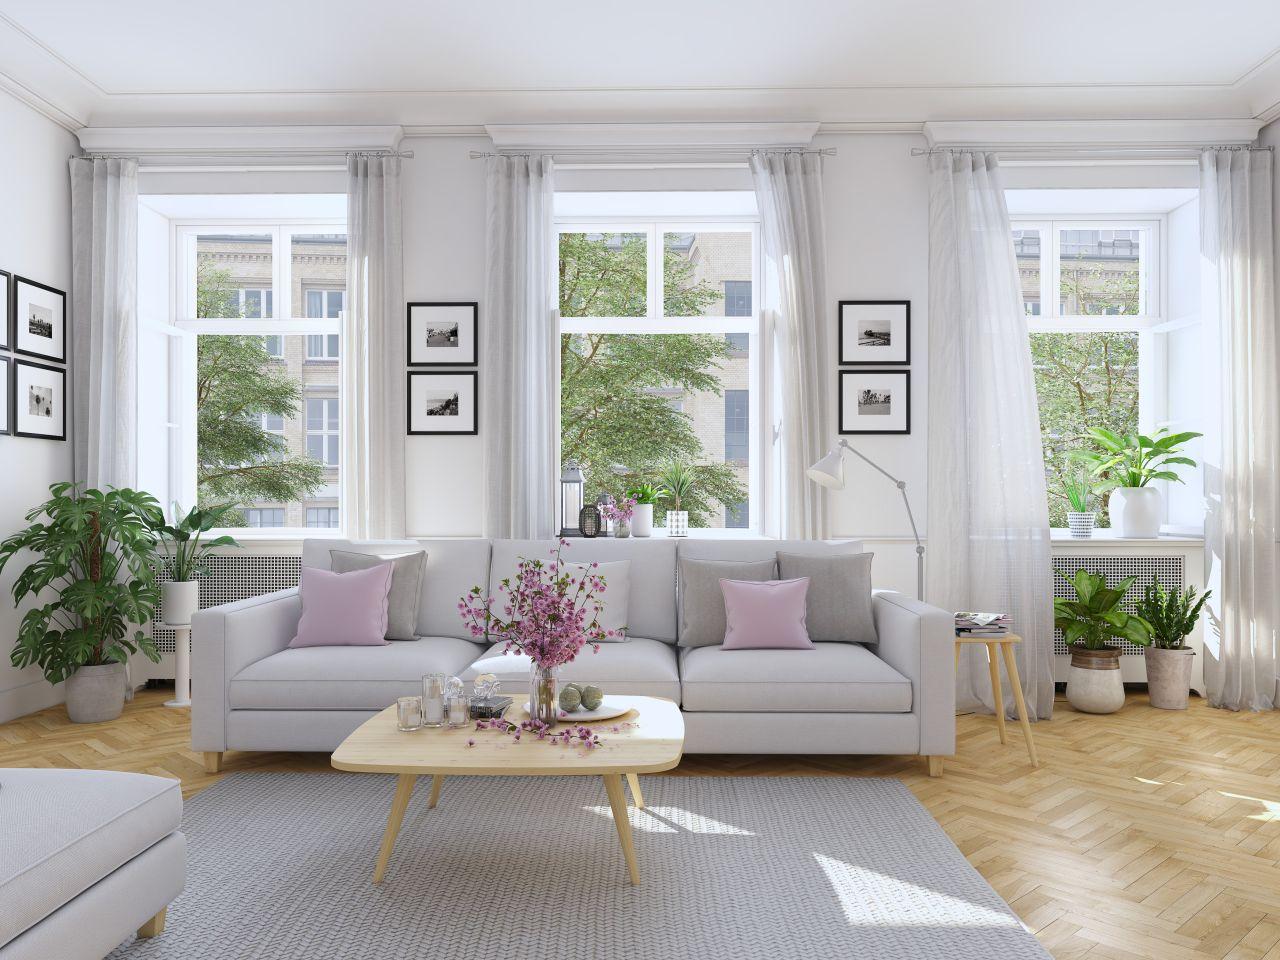 Jak ocieplić wnętrze domu? 4 proste tricki aranżacyjne